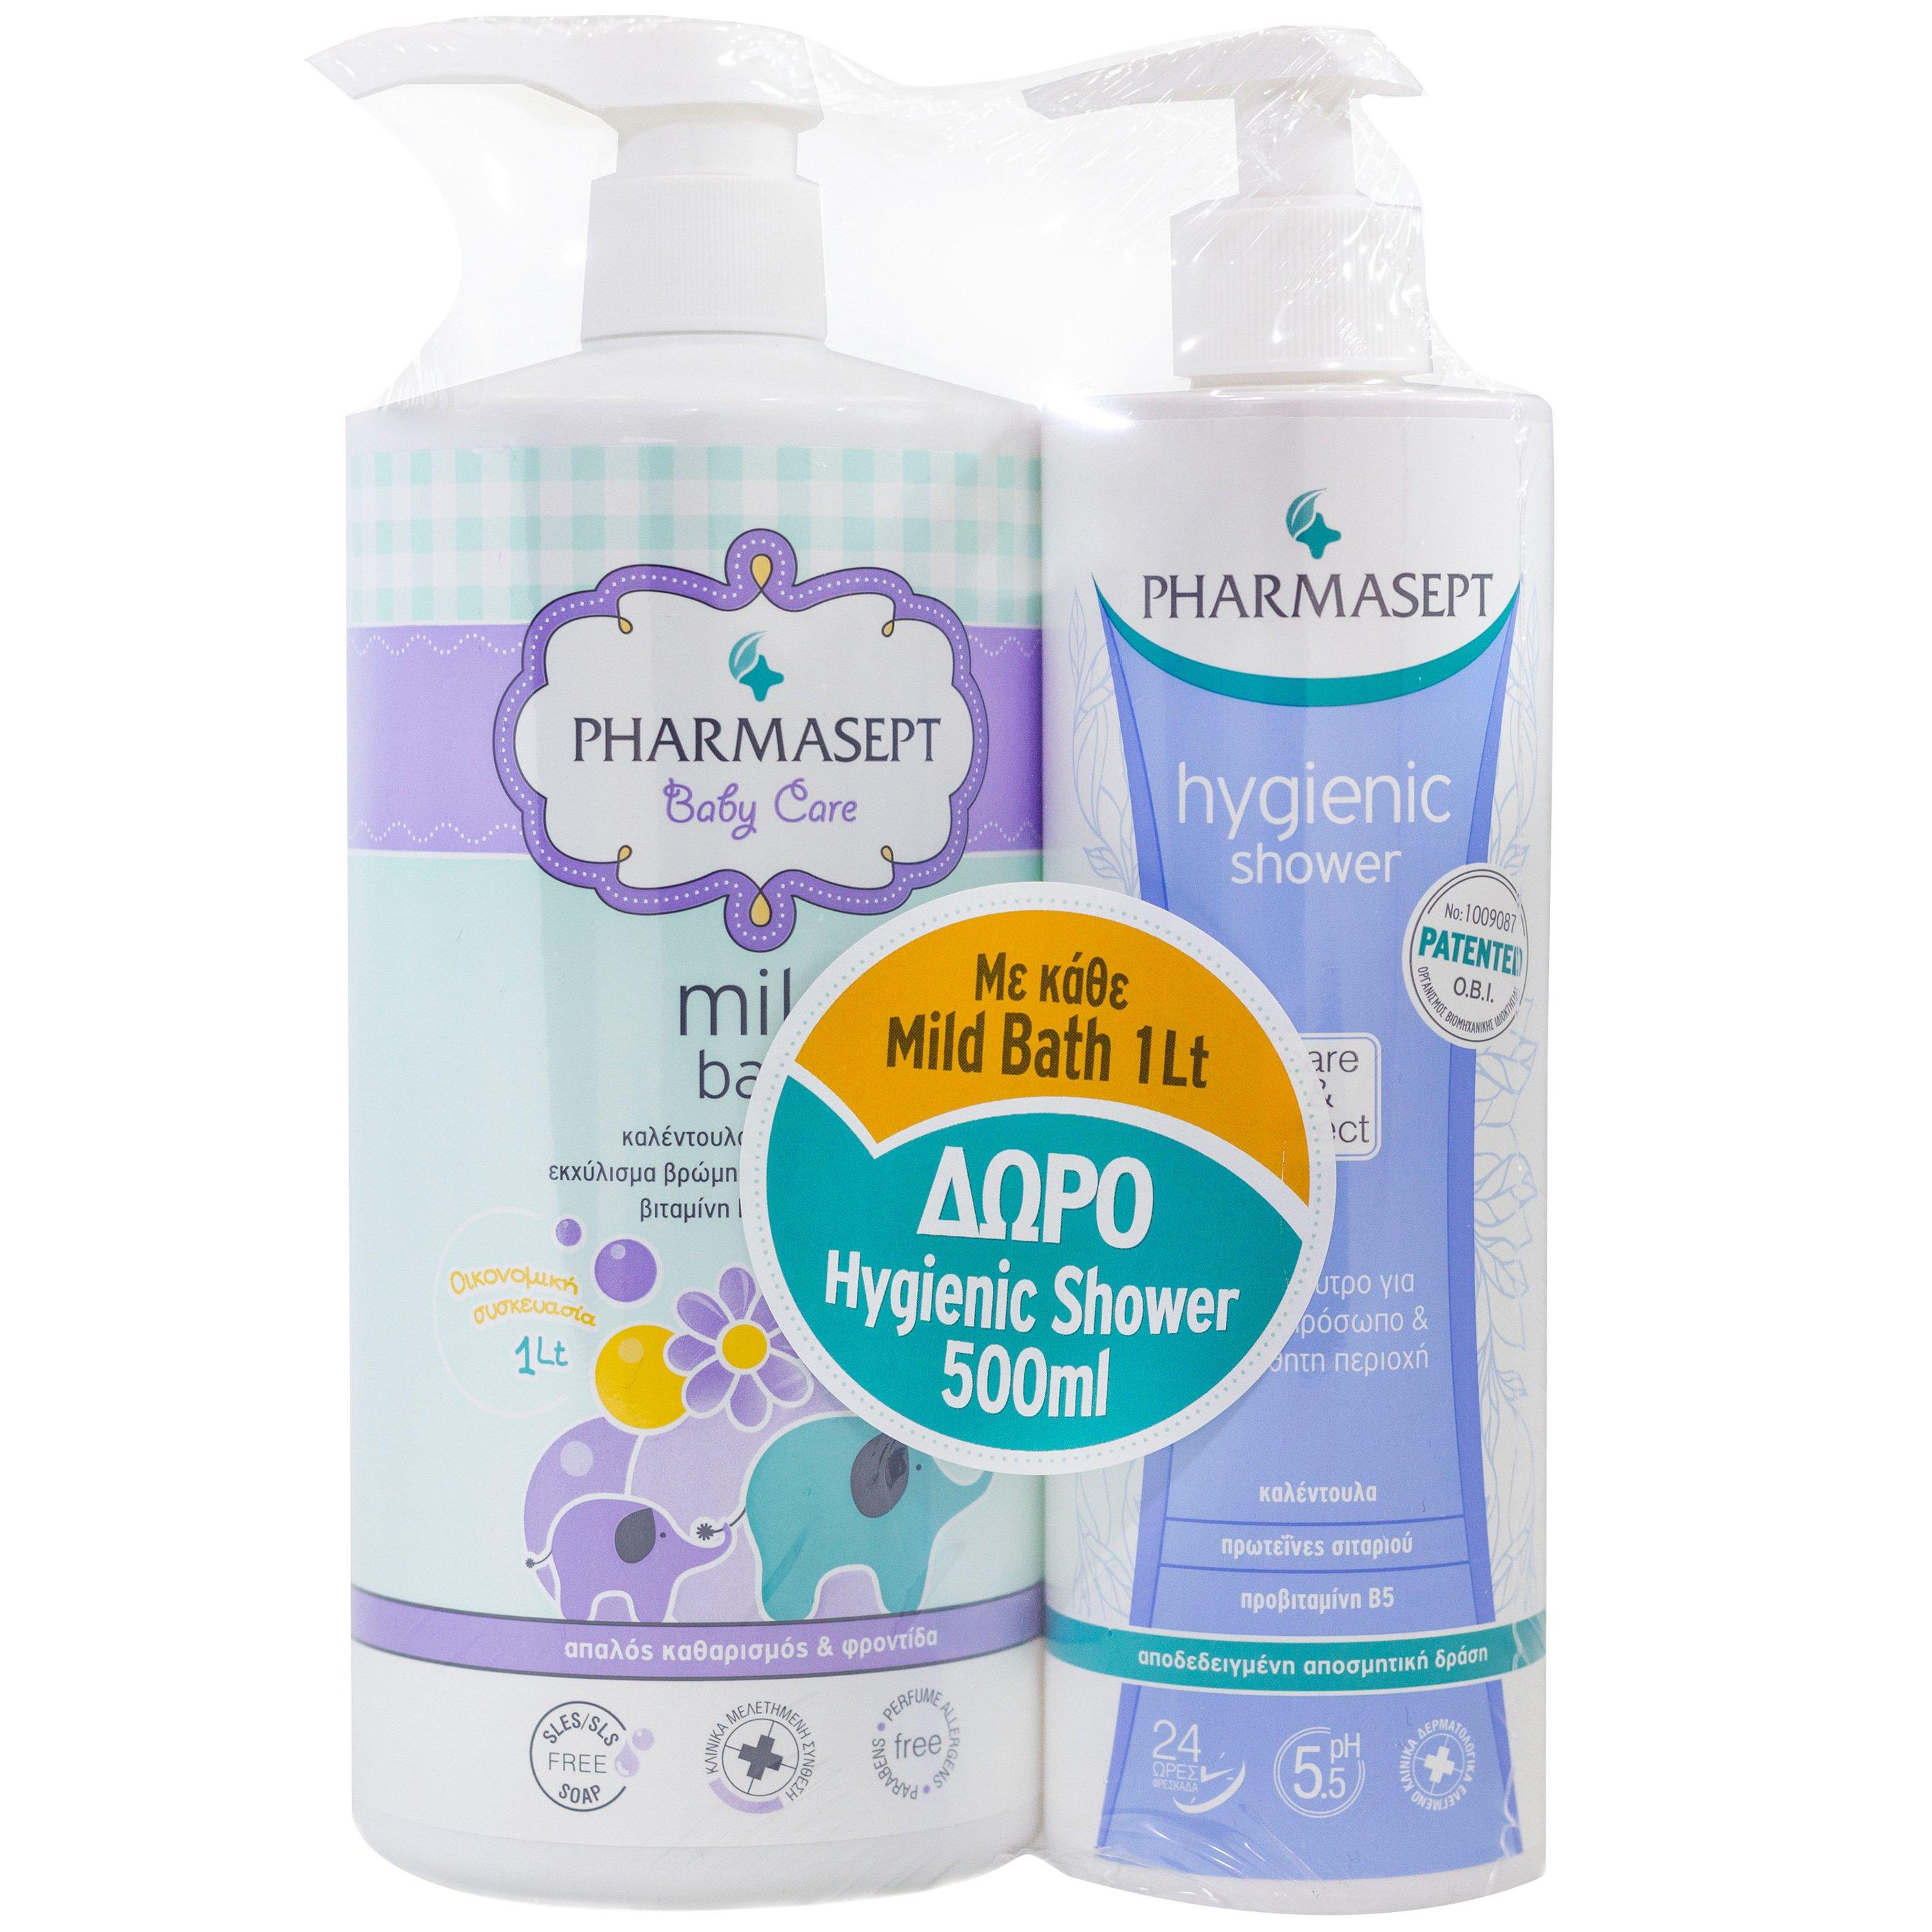 Pharmasept Πακέτο Προσφοράς Tol Velvet Baby Mild Bath 1Lt & Δώρο Tol Velvet Hygienic Shower 500ml